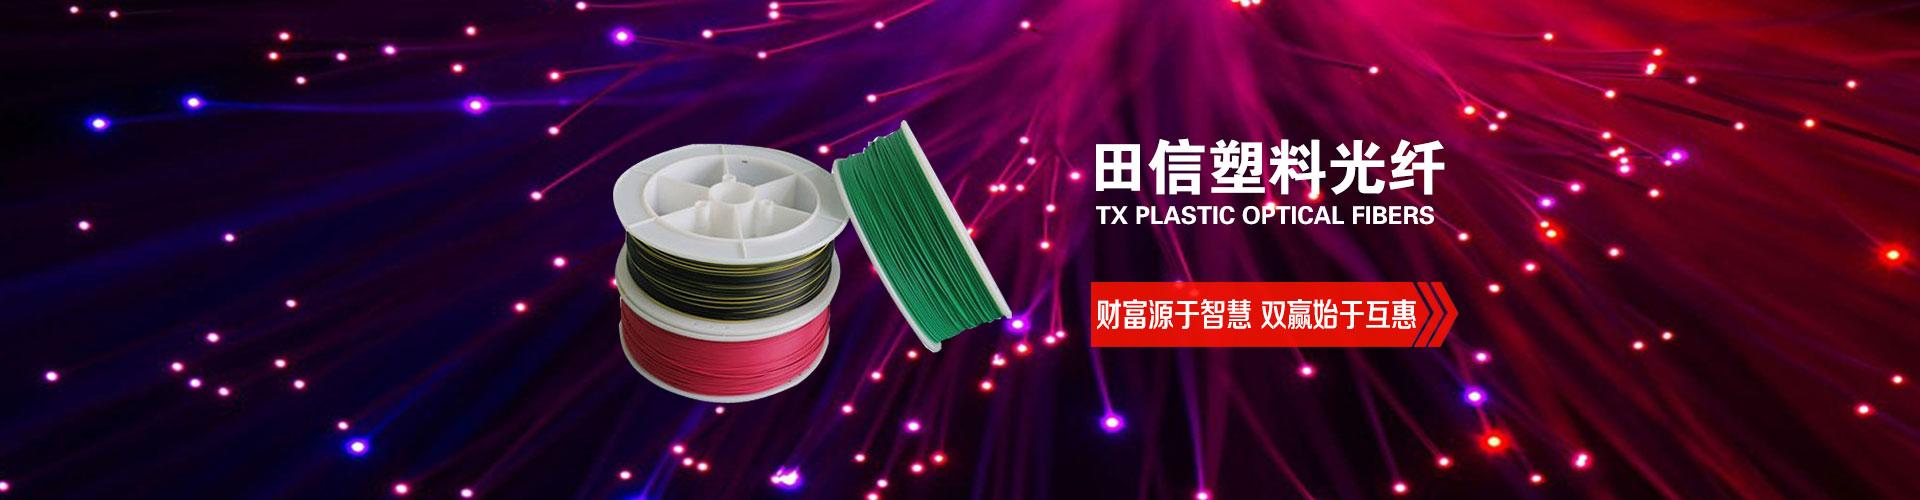 田信塑料光纤